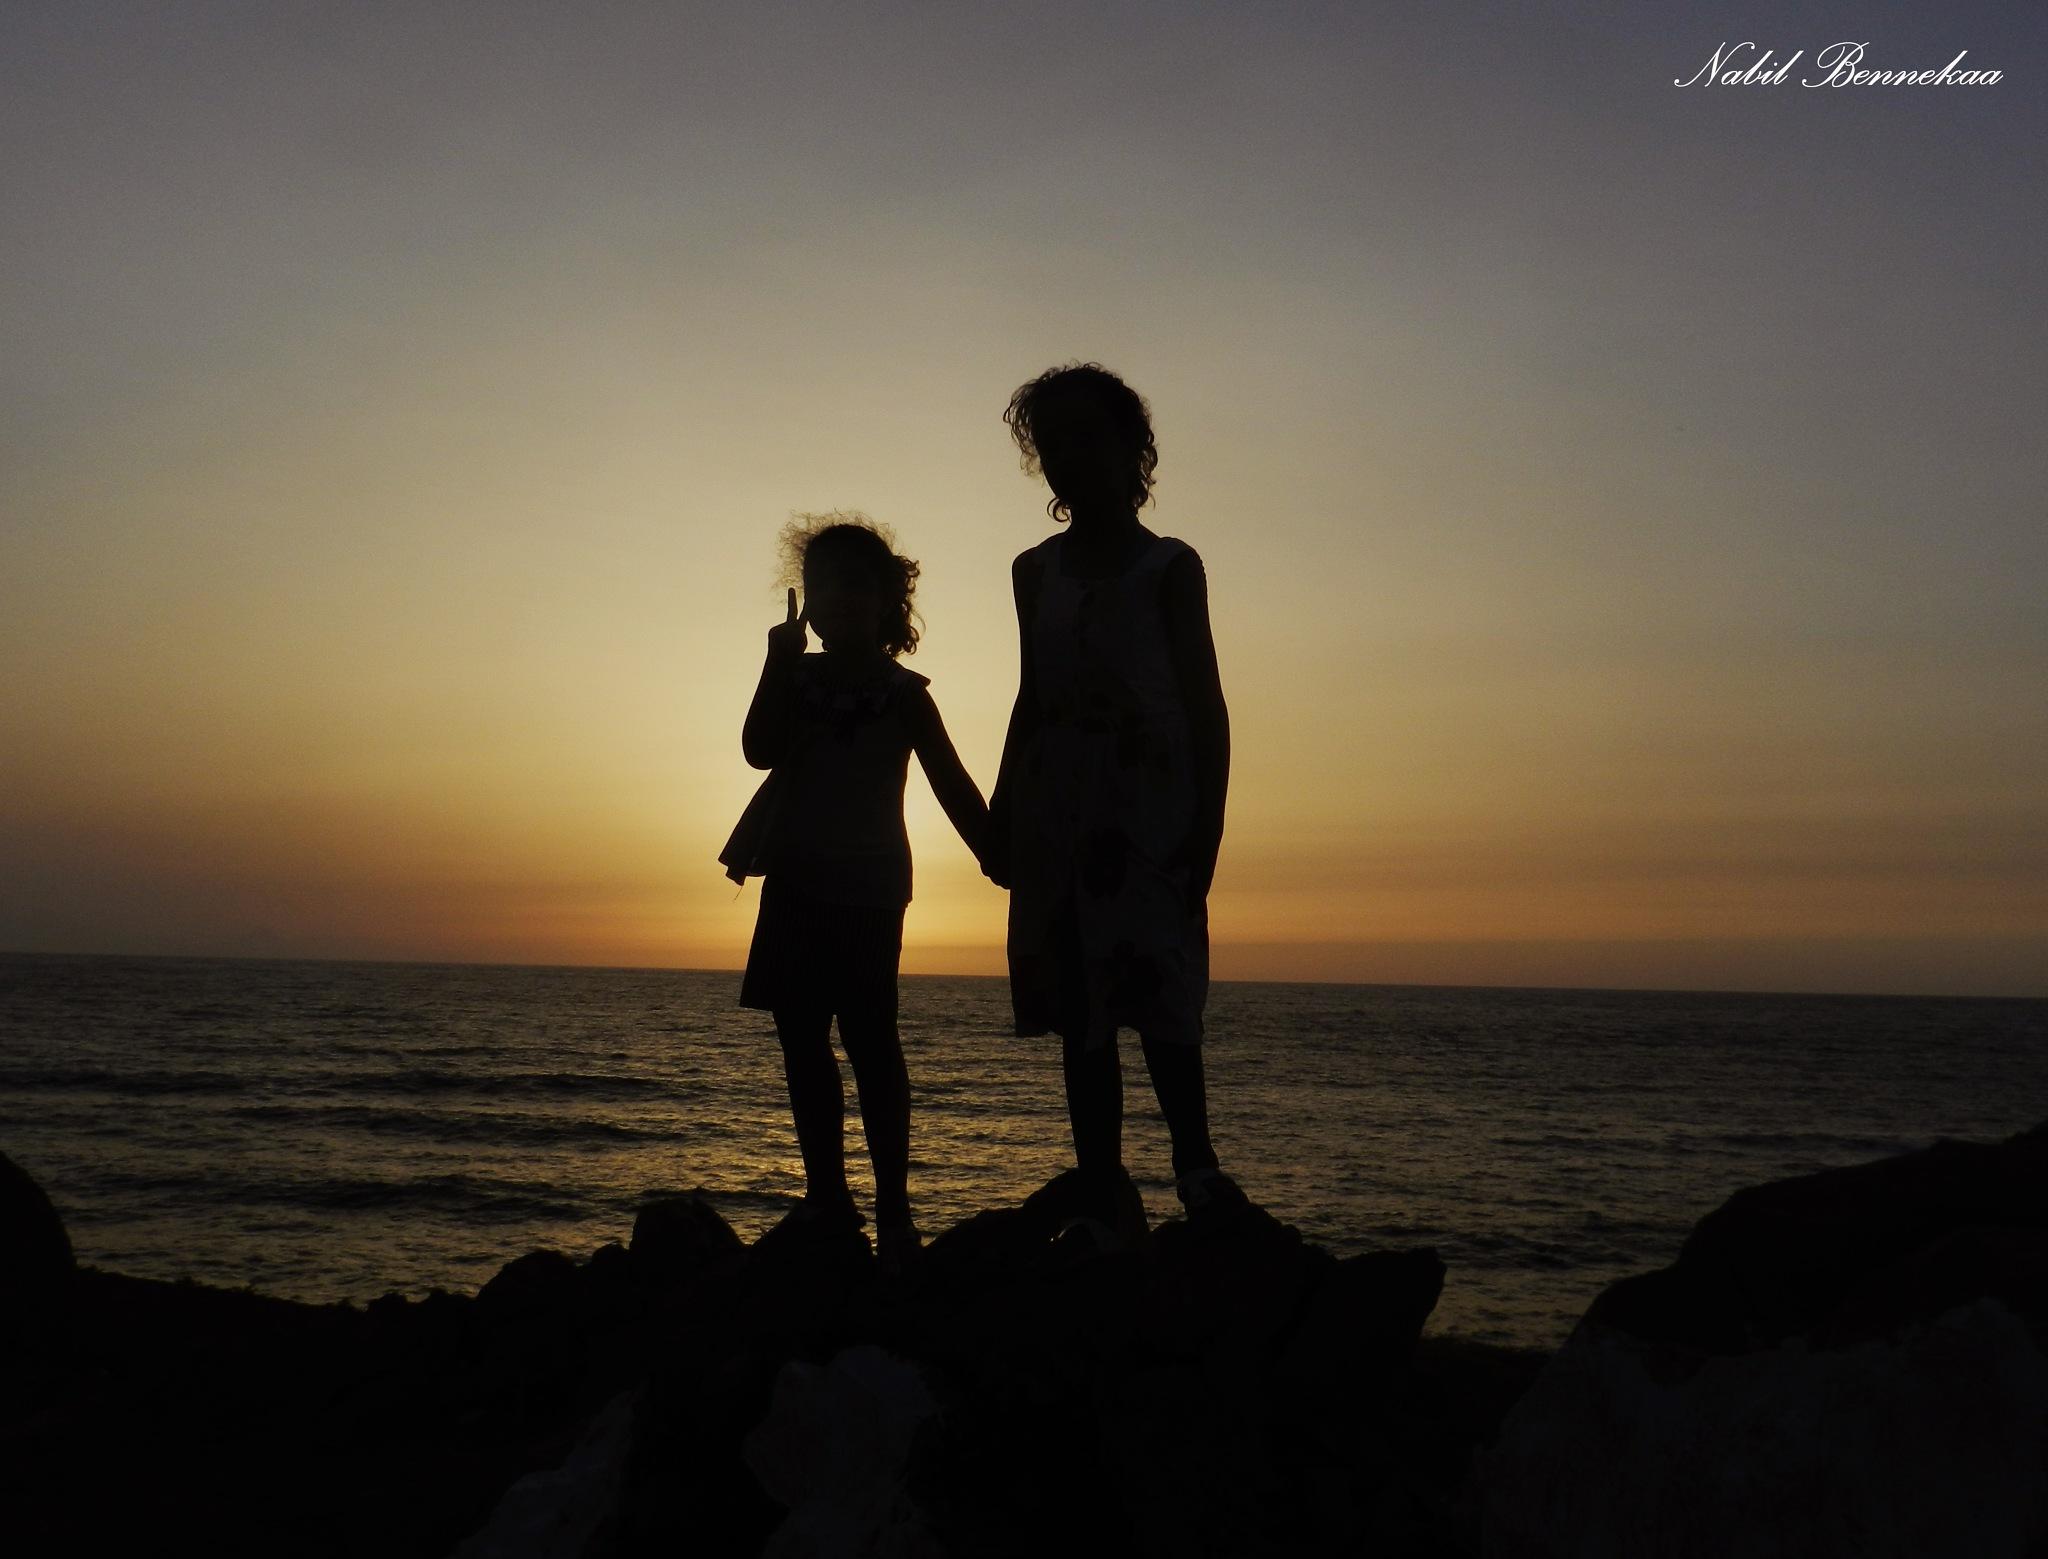 الاختين مع الغروب الساحر by Nabil Nabil